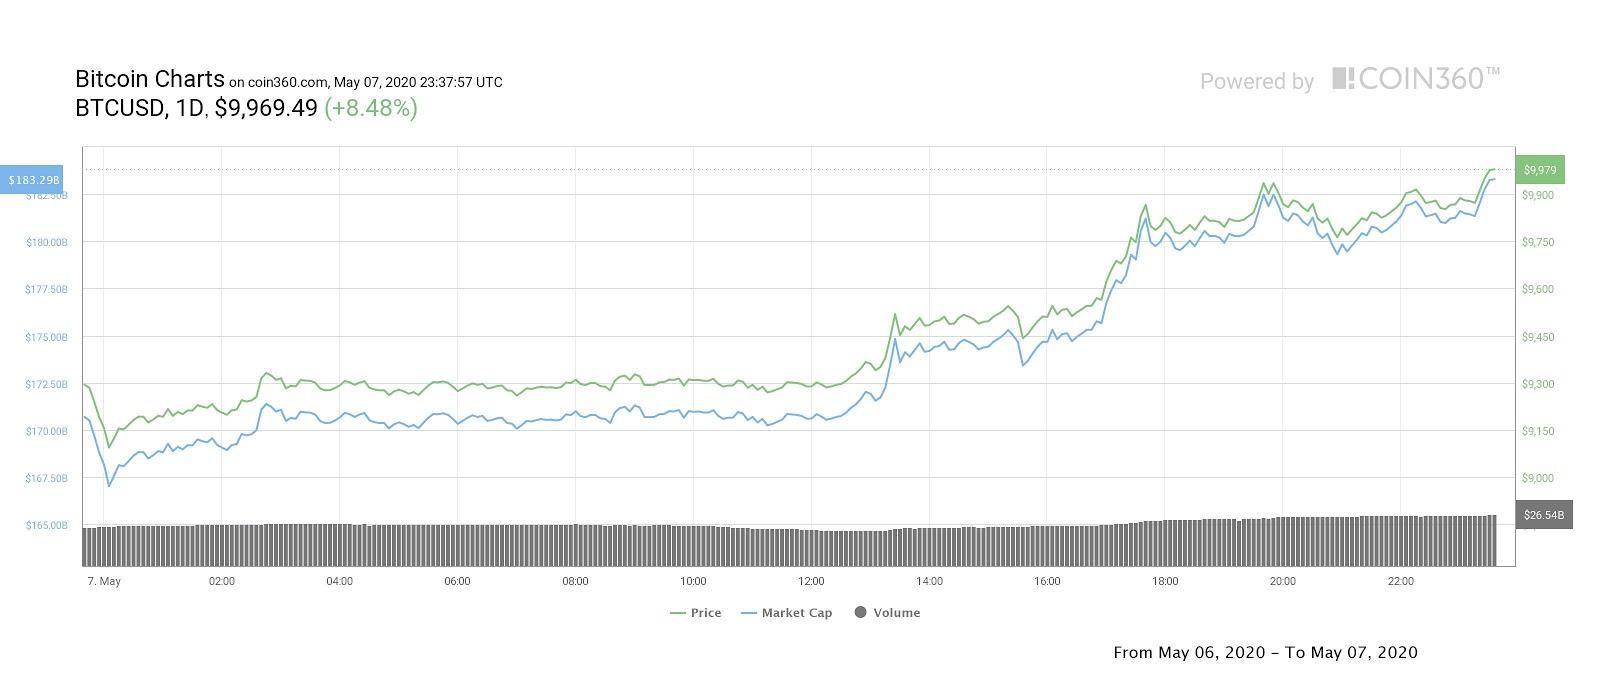 ราคา Bitcoin พุ่งแตะ $10,000 จนได้ ก่อนถึงเหตุการณ์ Halving เพียง 4 วัน